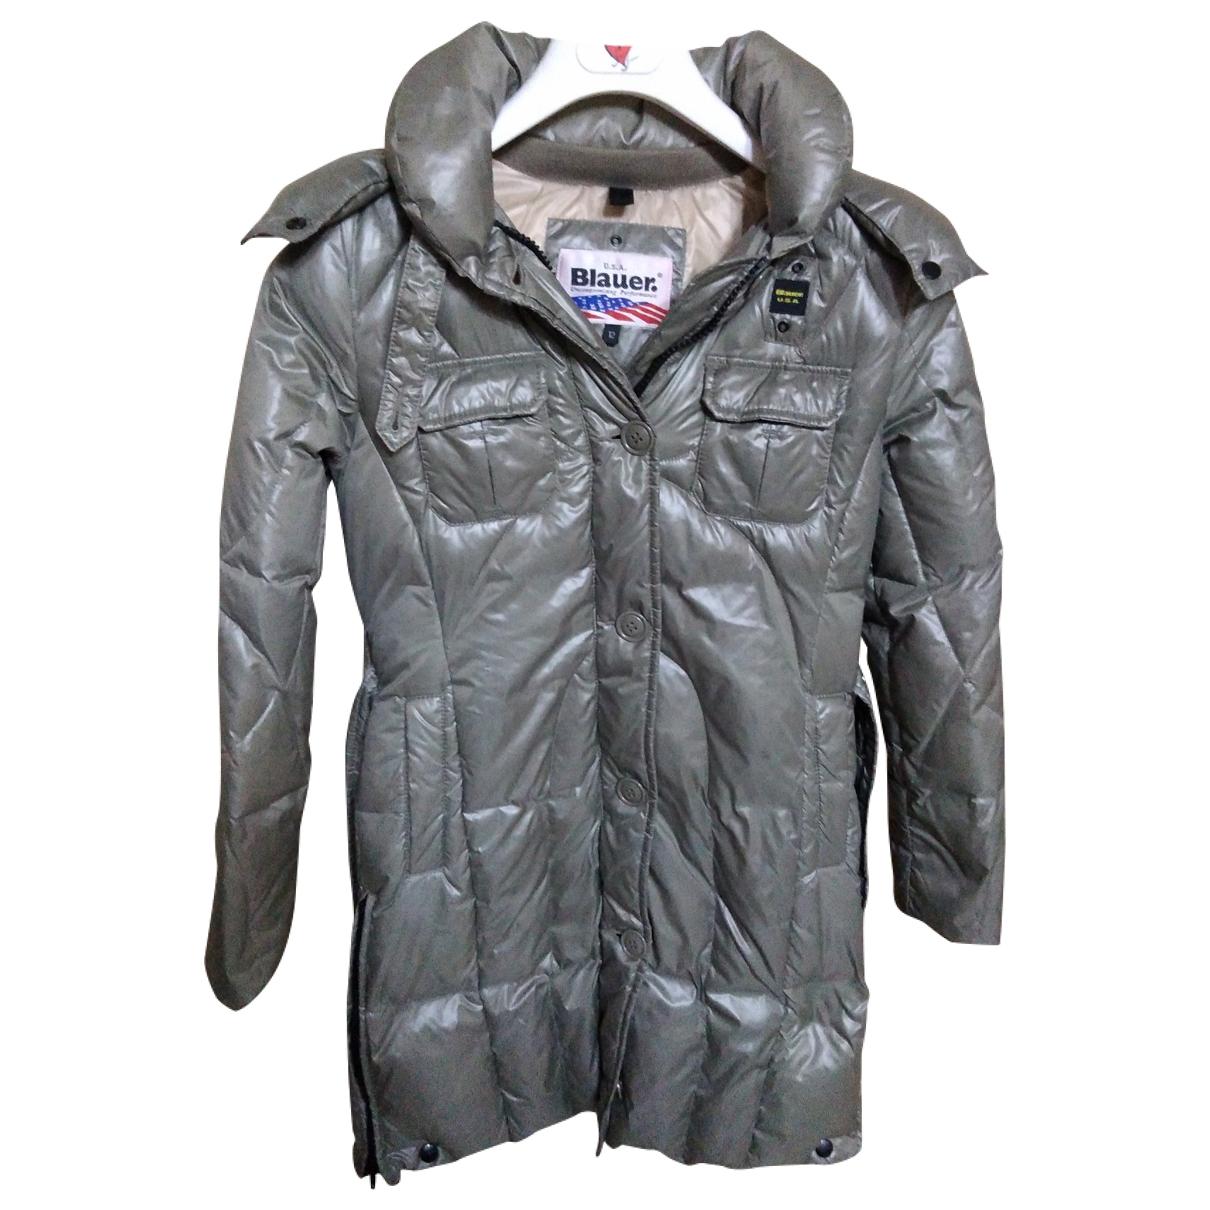 Blauer - Blousons.Manteaux   pour enfant - vert